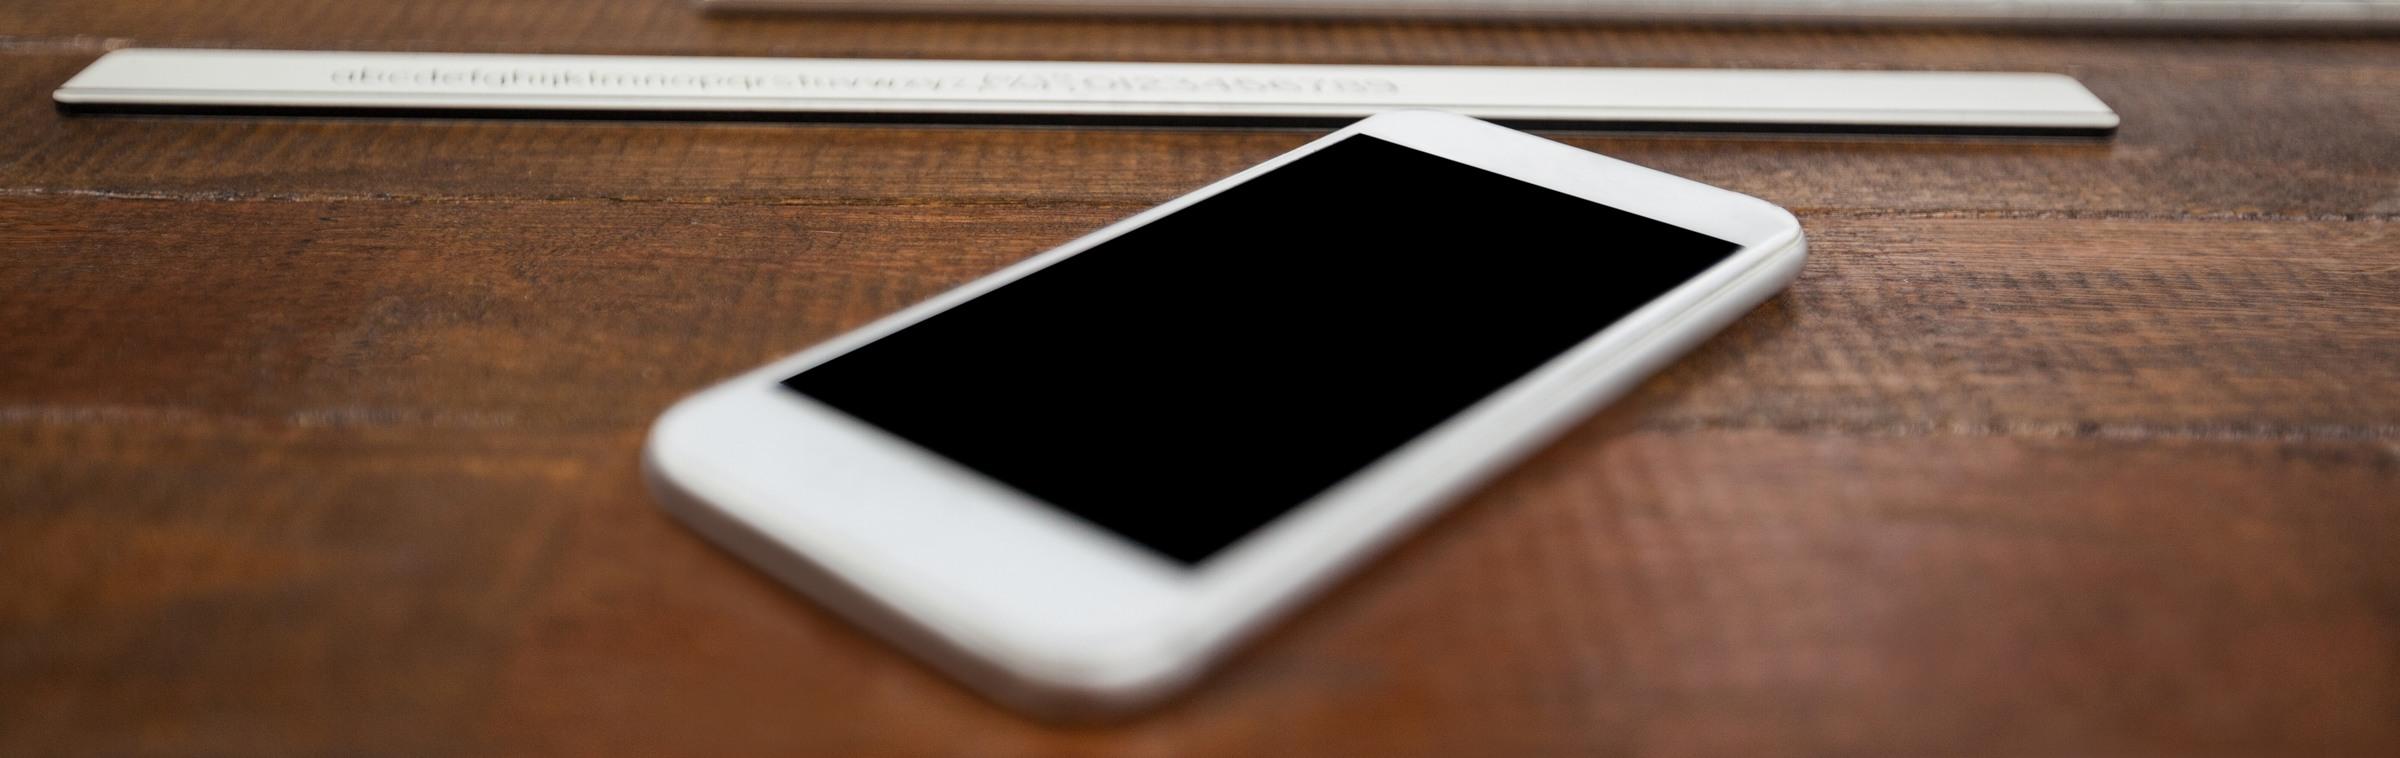 Un téléphone portable pour contacter une agence d'intérim